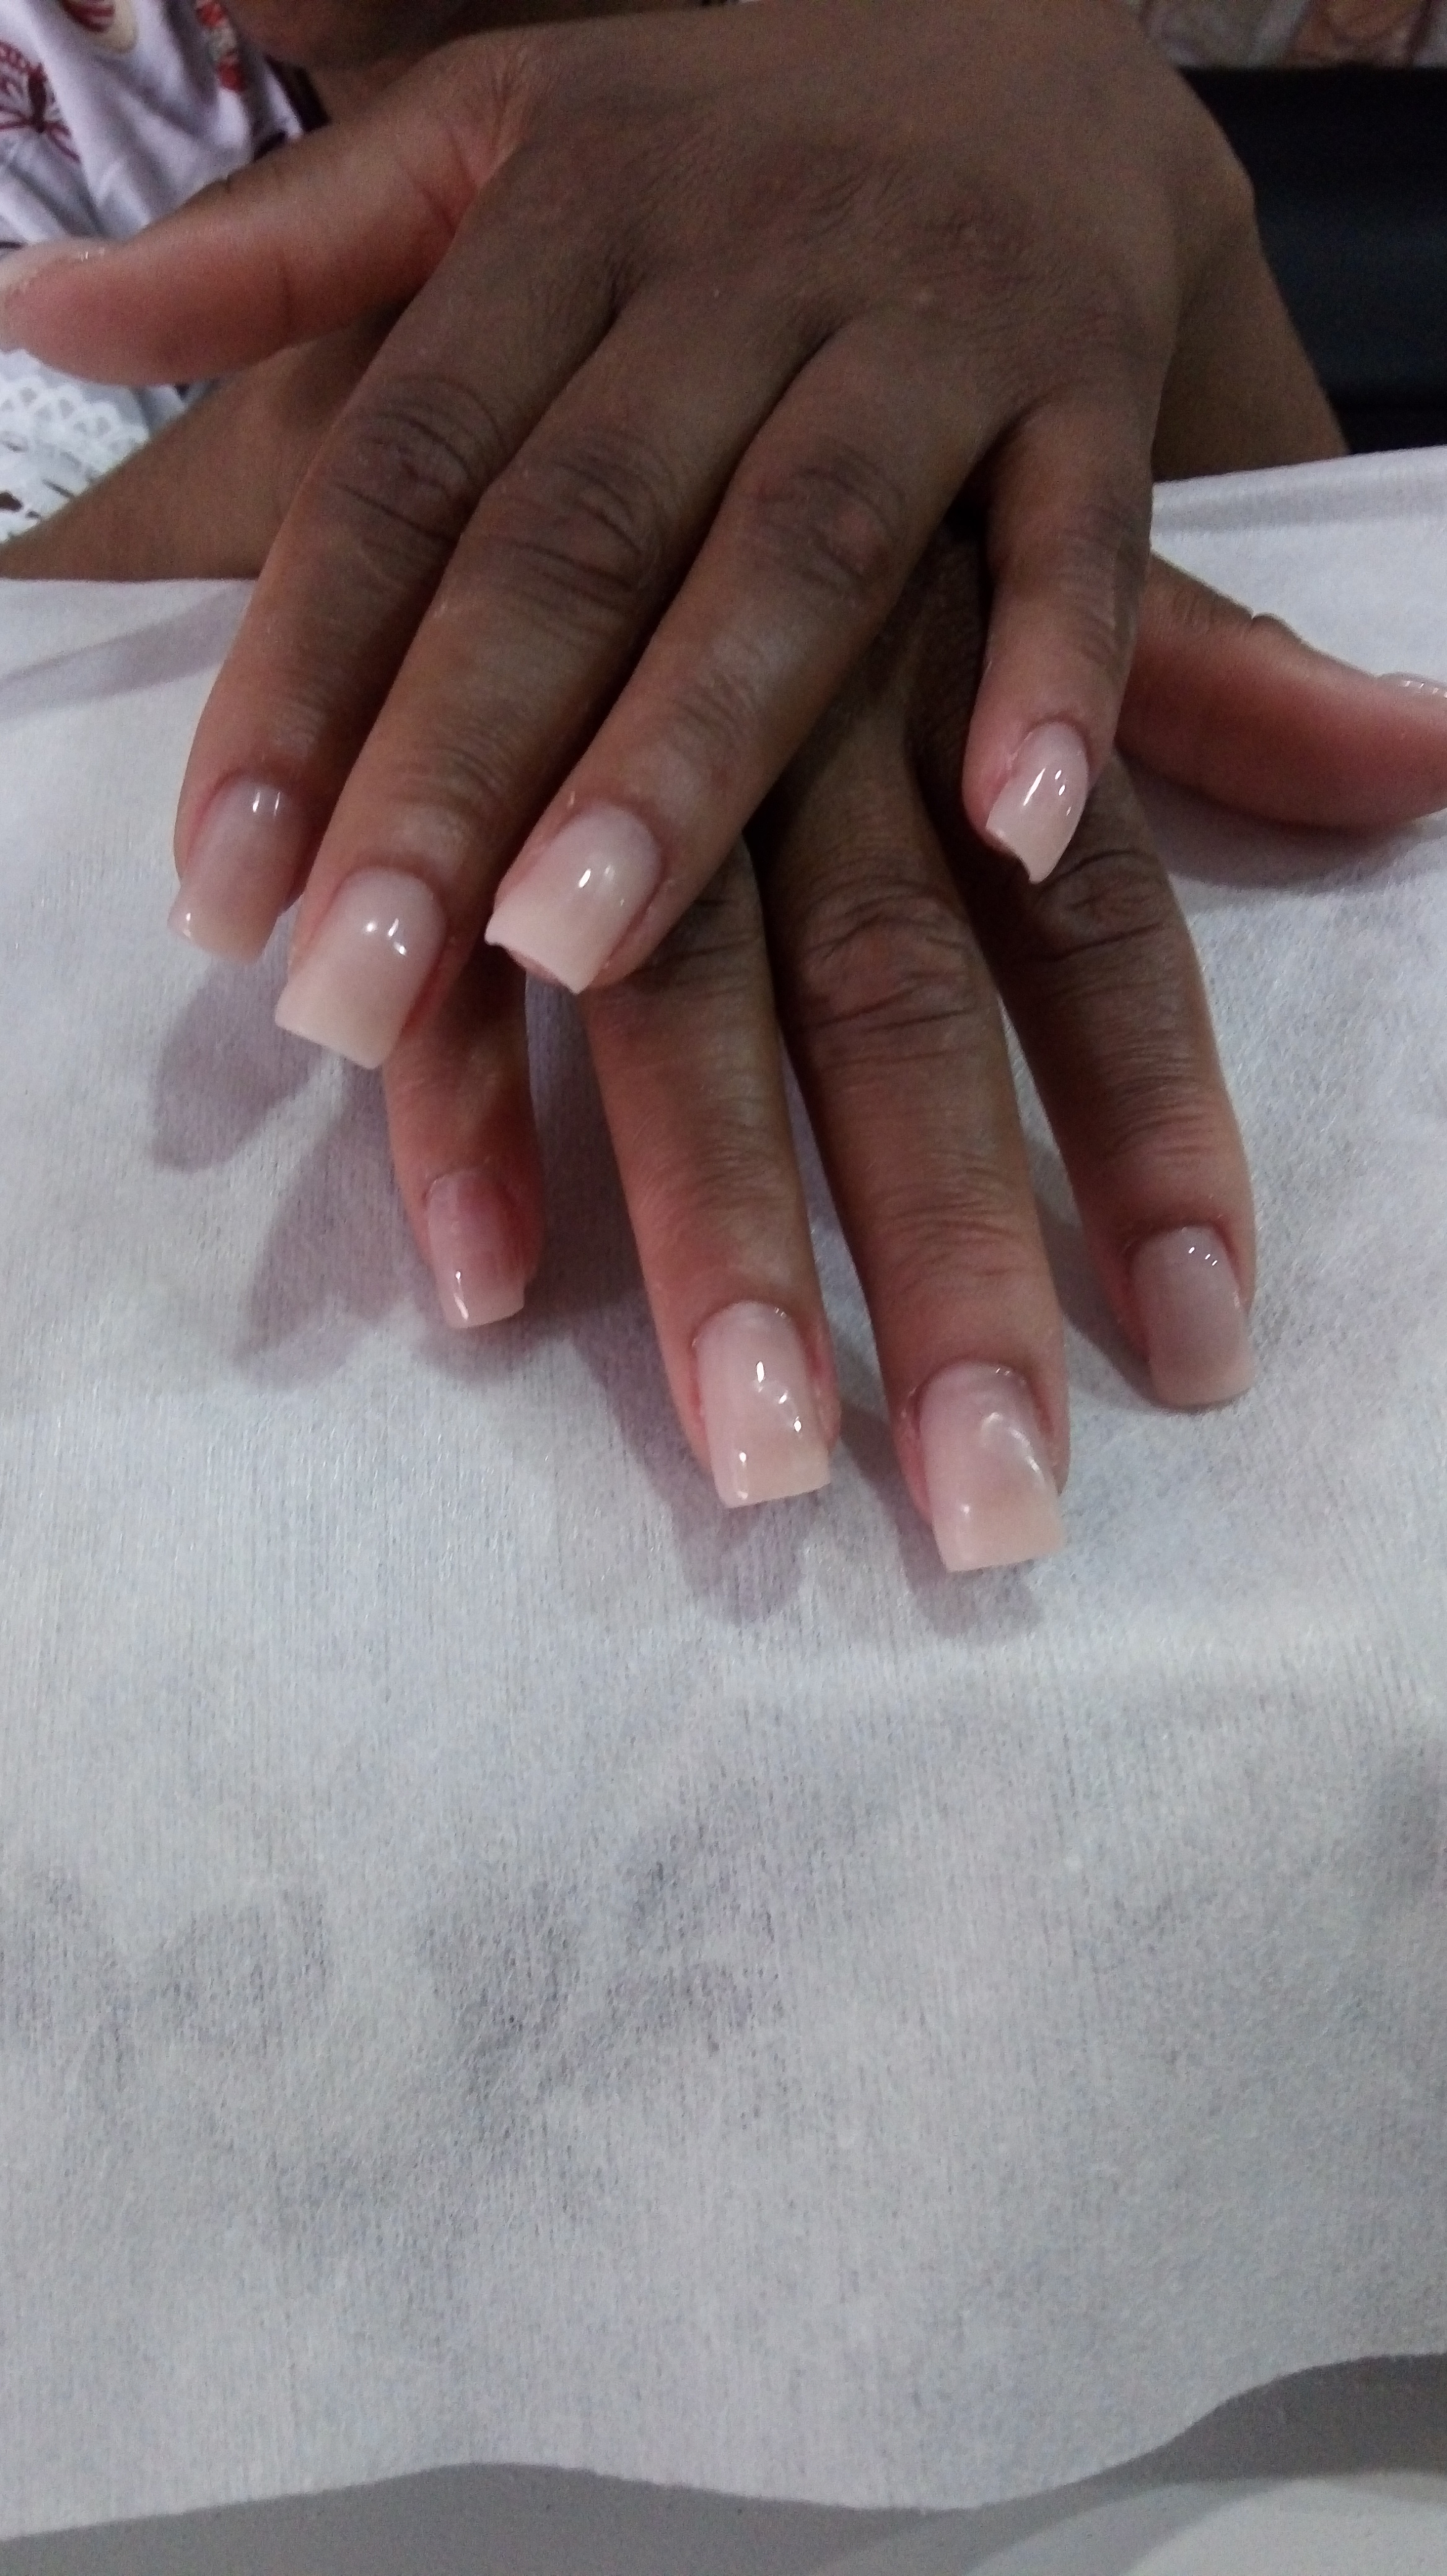 #acrigelmoldada manicure e pedicure